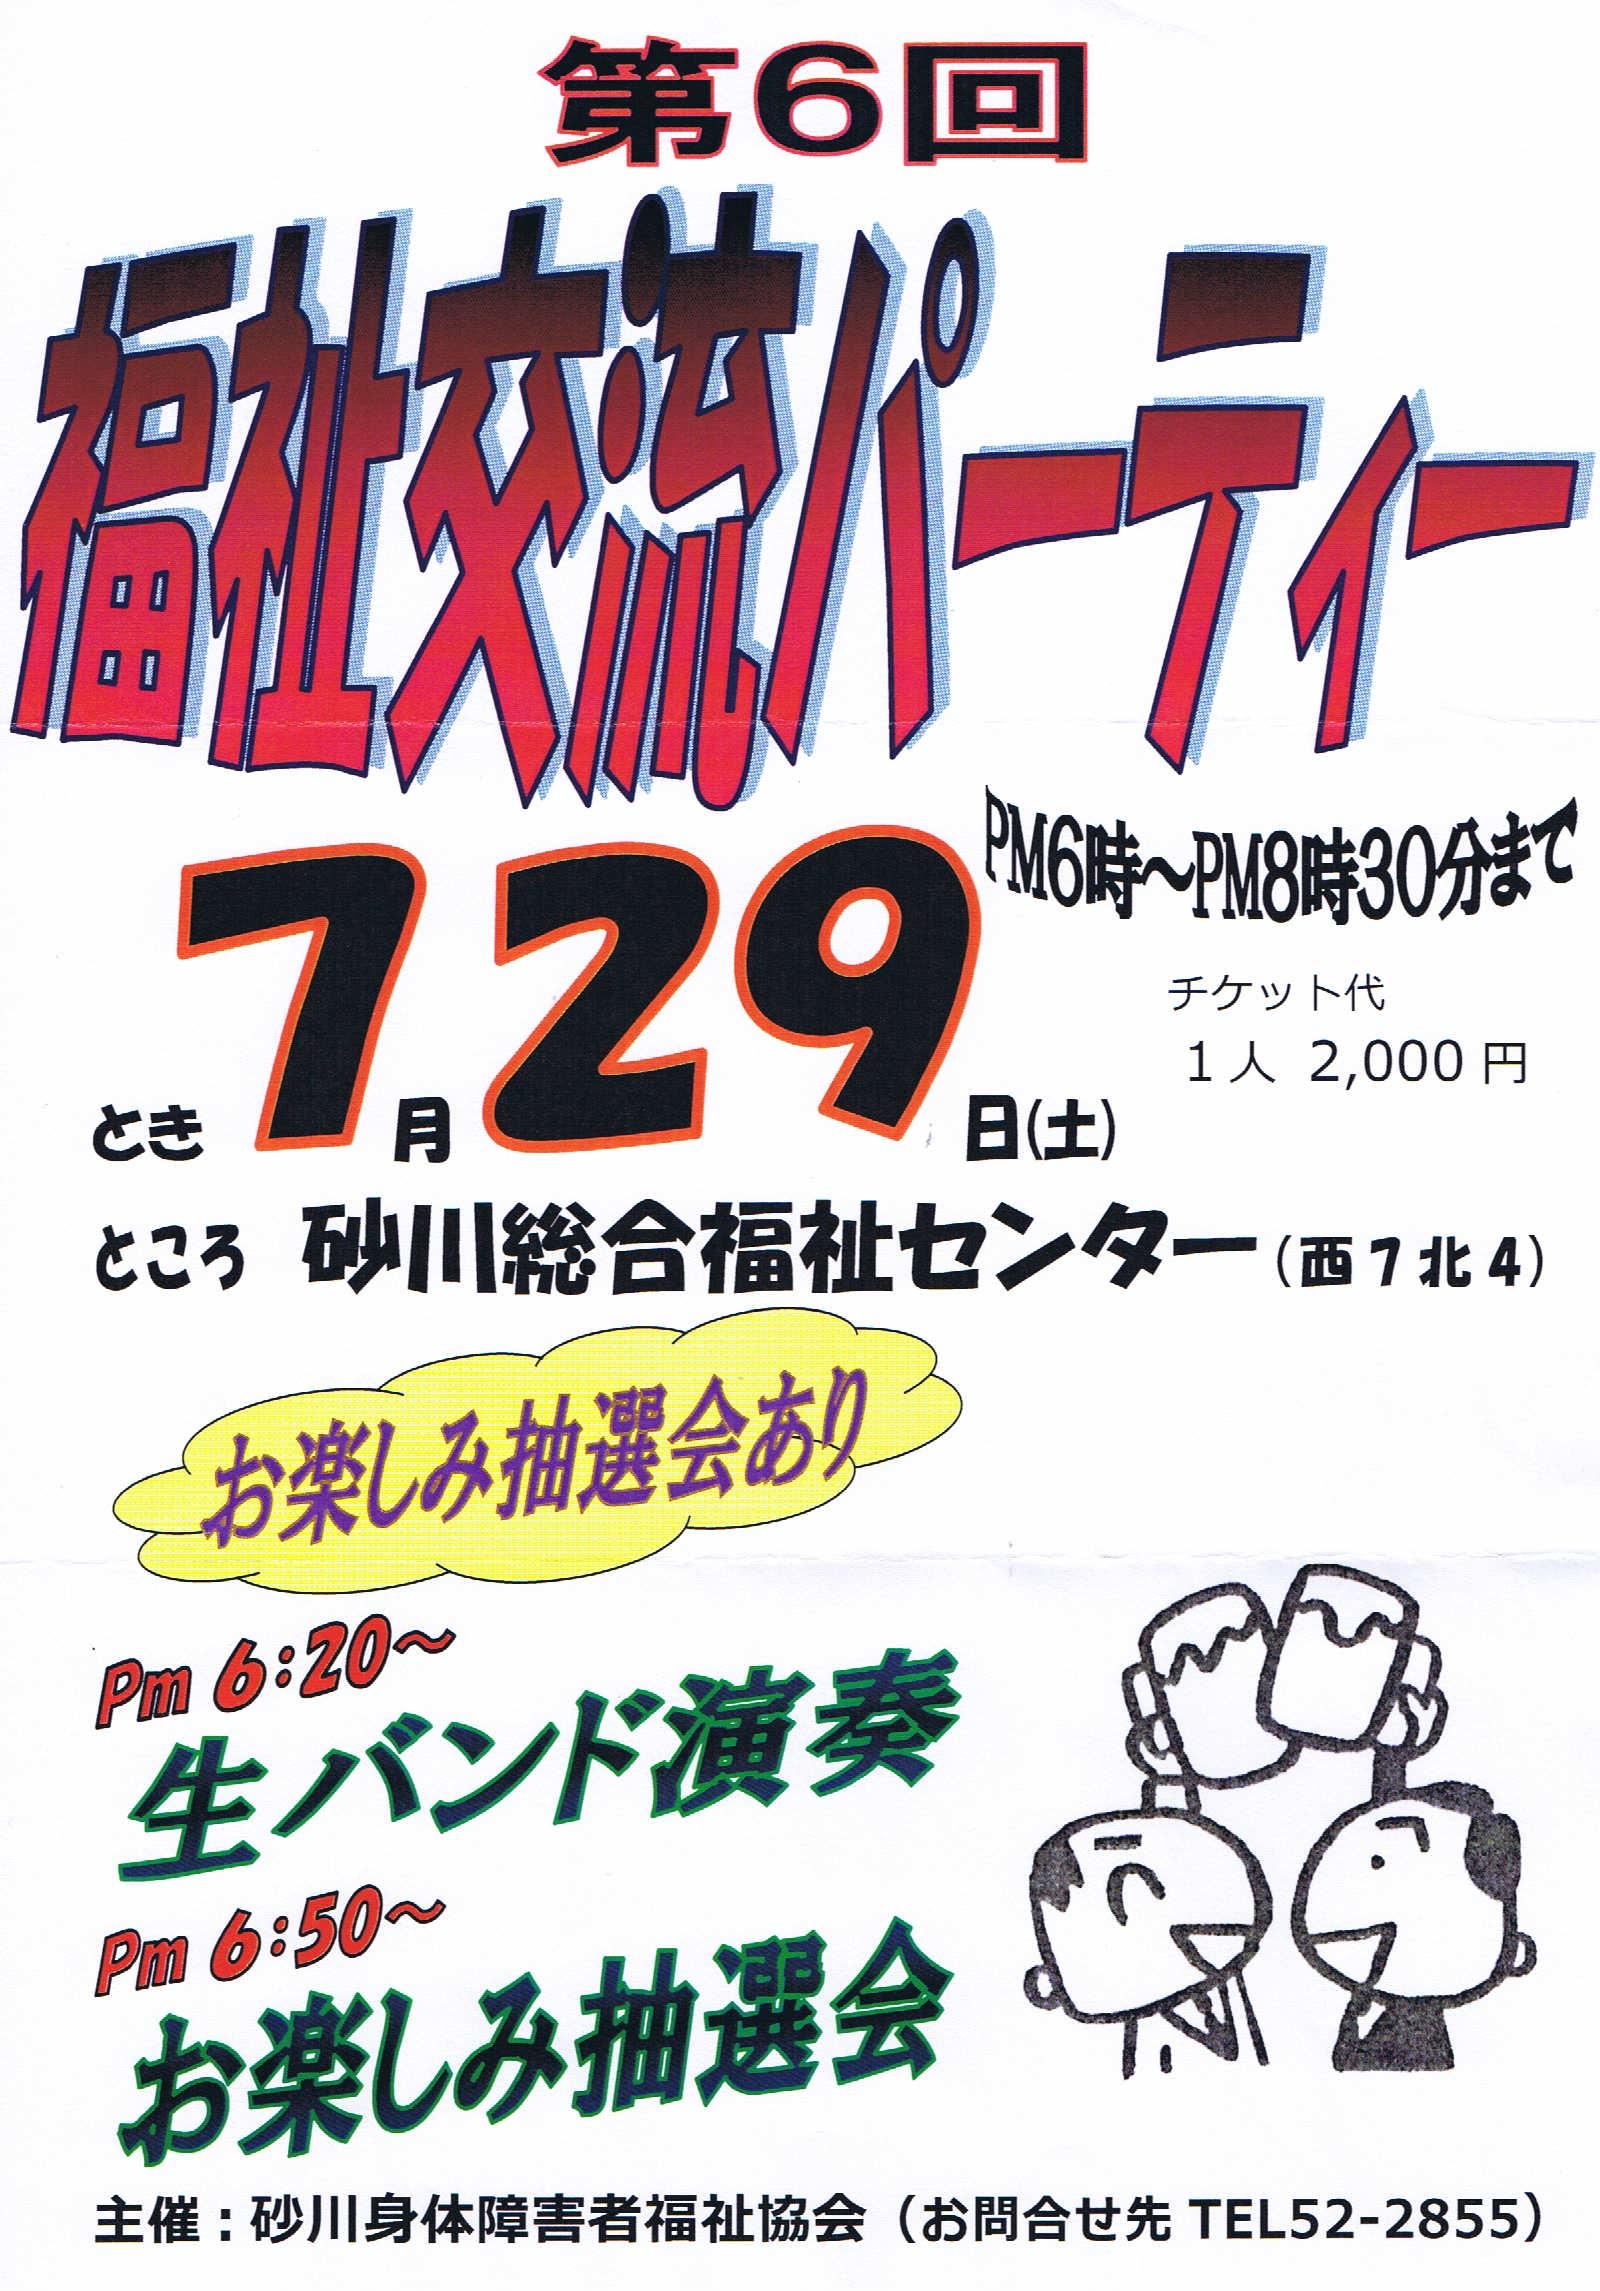 第6回 福祉交流パーティーのポスター